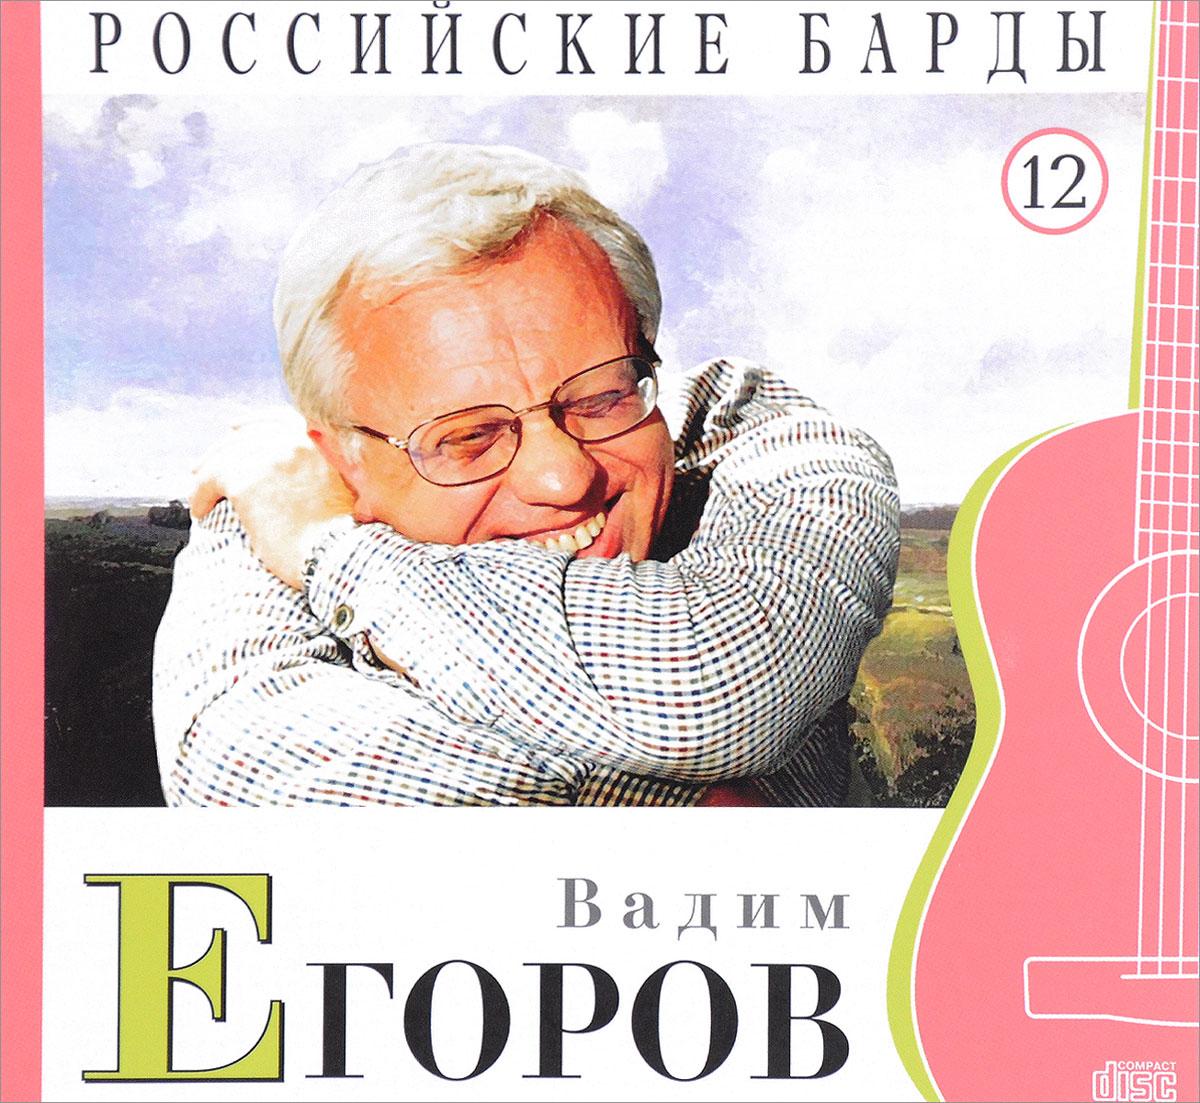 Российские барды. Том 12. Вадим Егоров (+ аудио CD)